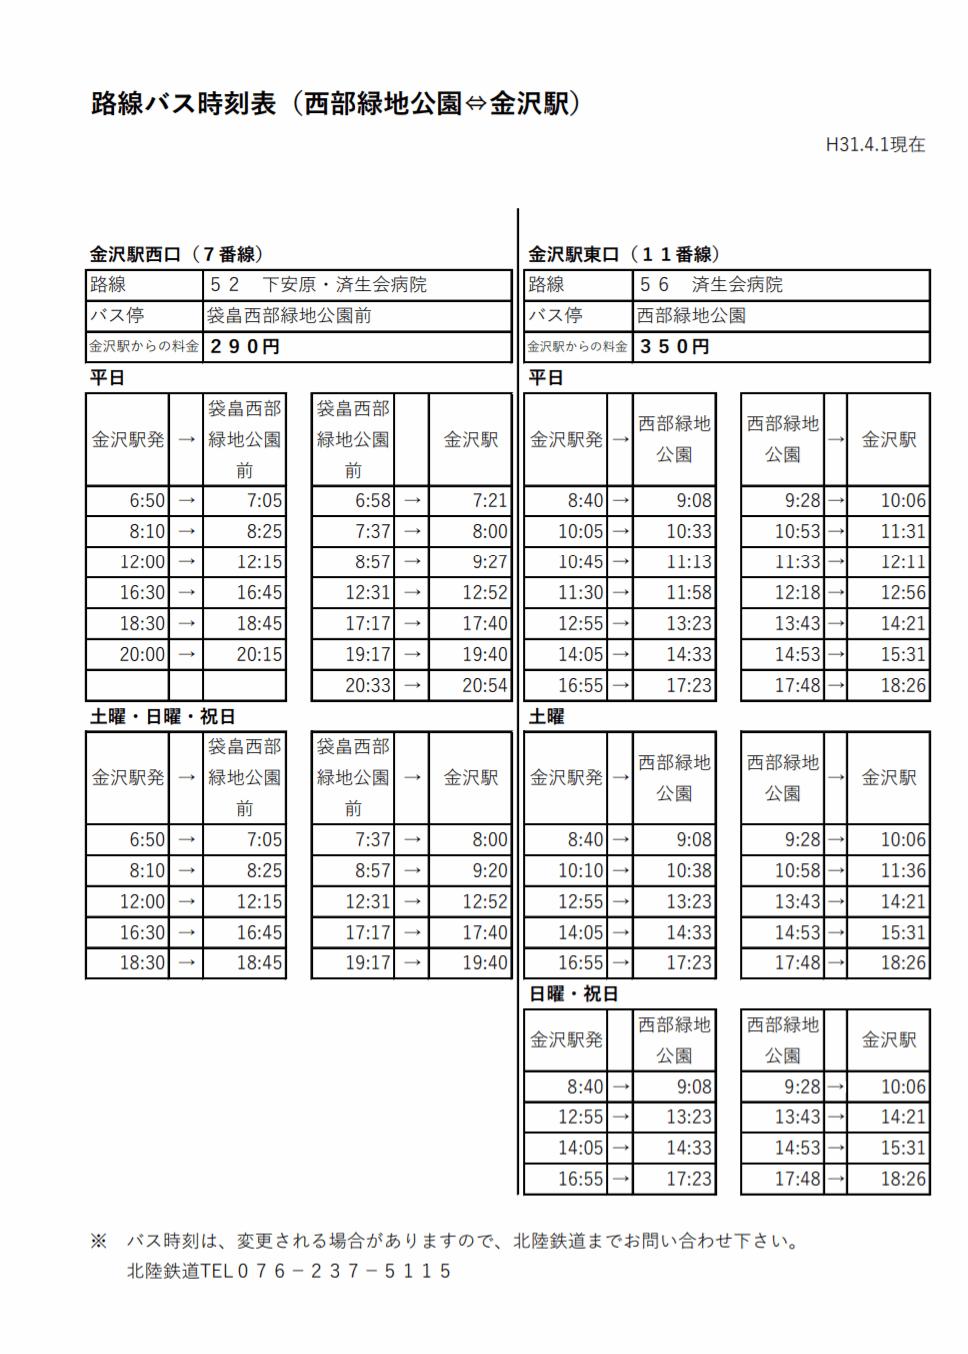 金沢産業会館の駐車場へのバスでのアクセス時刻表